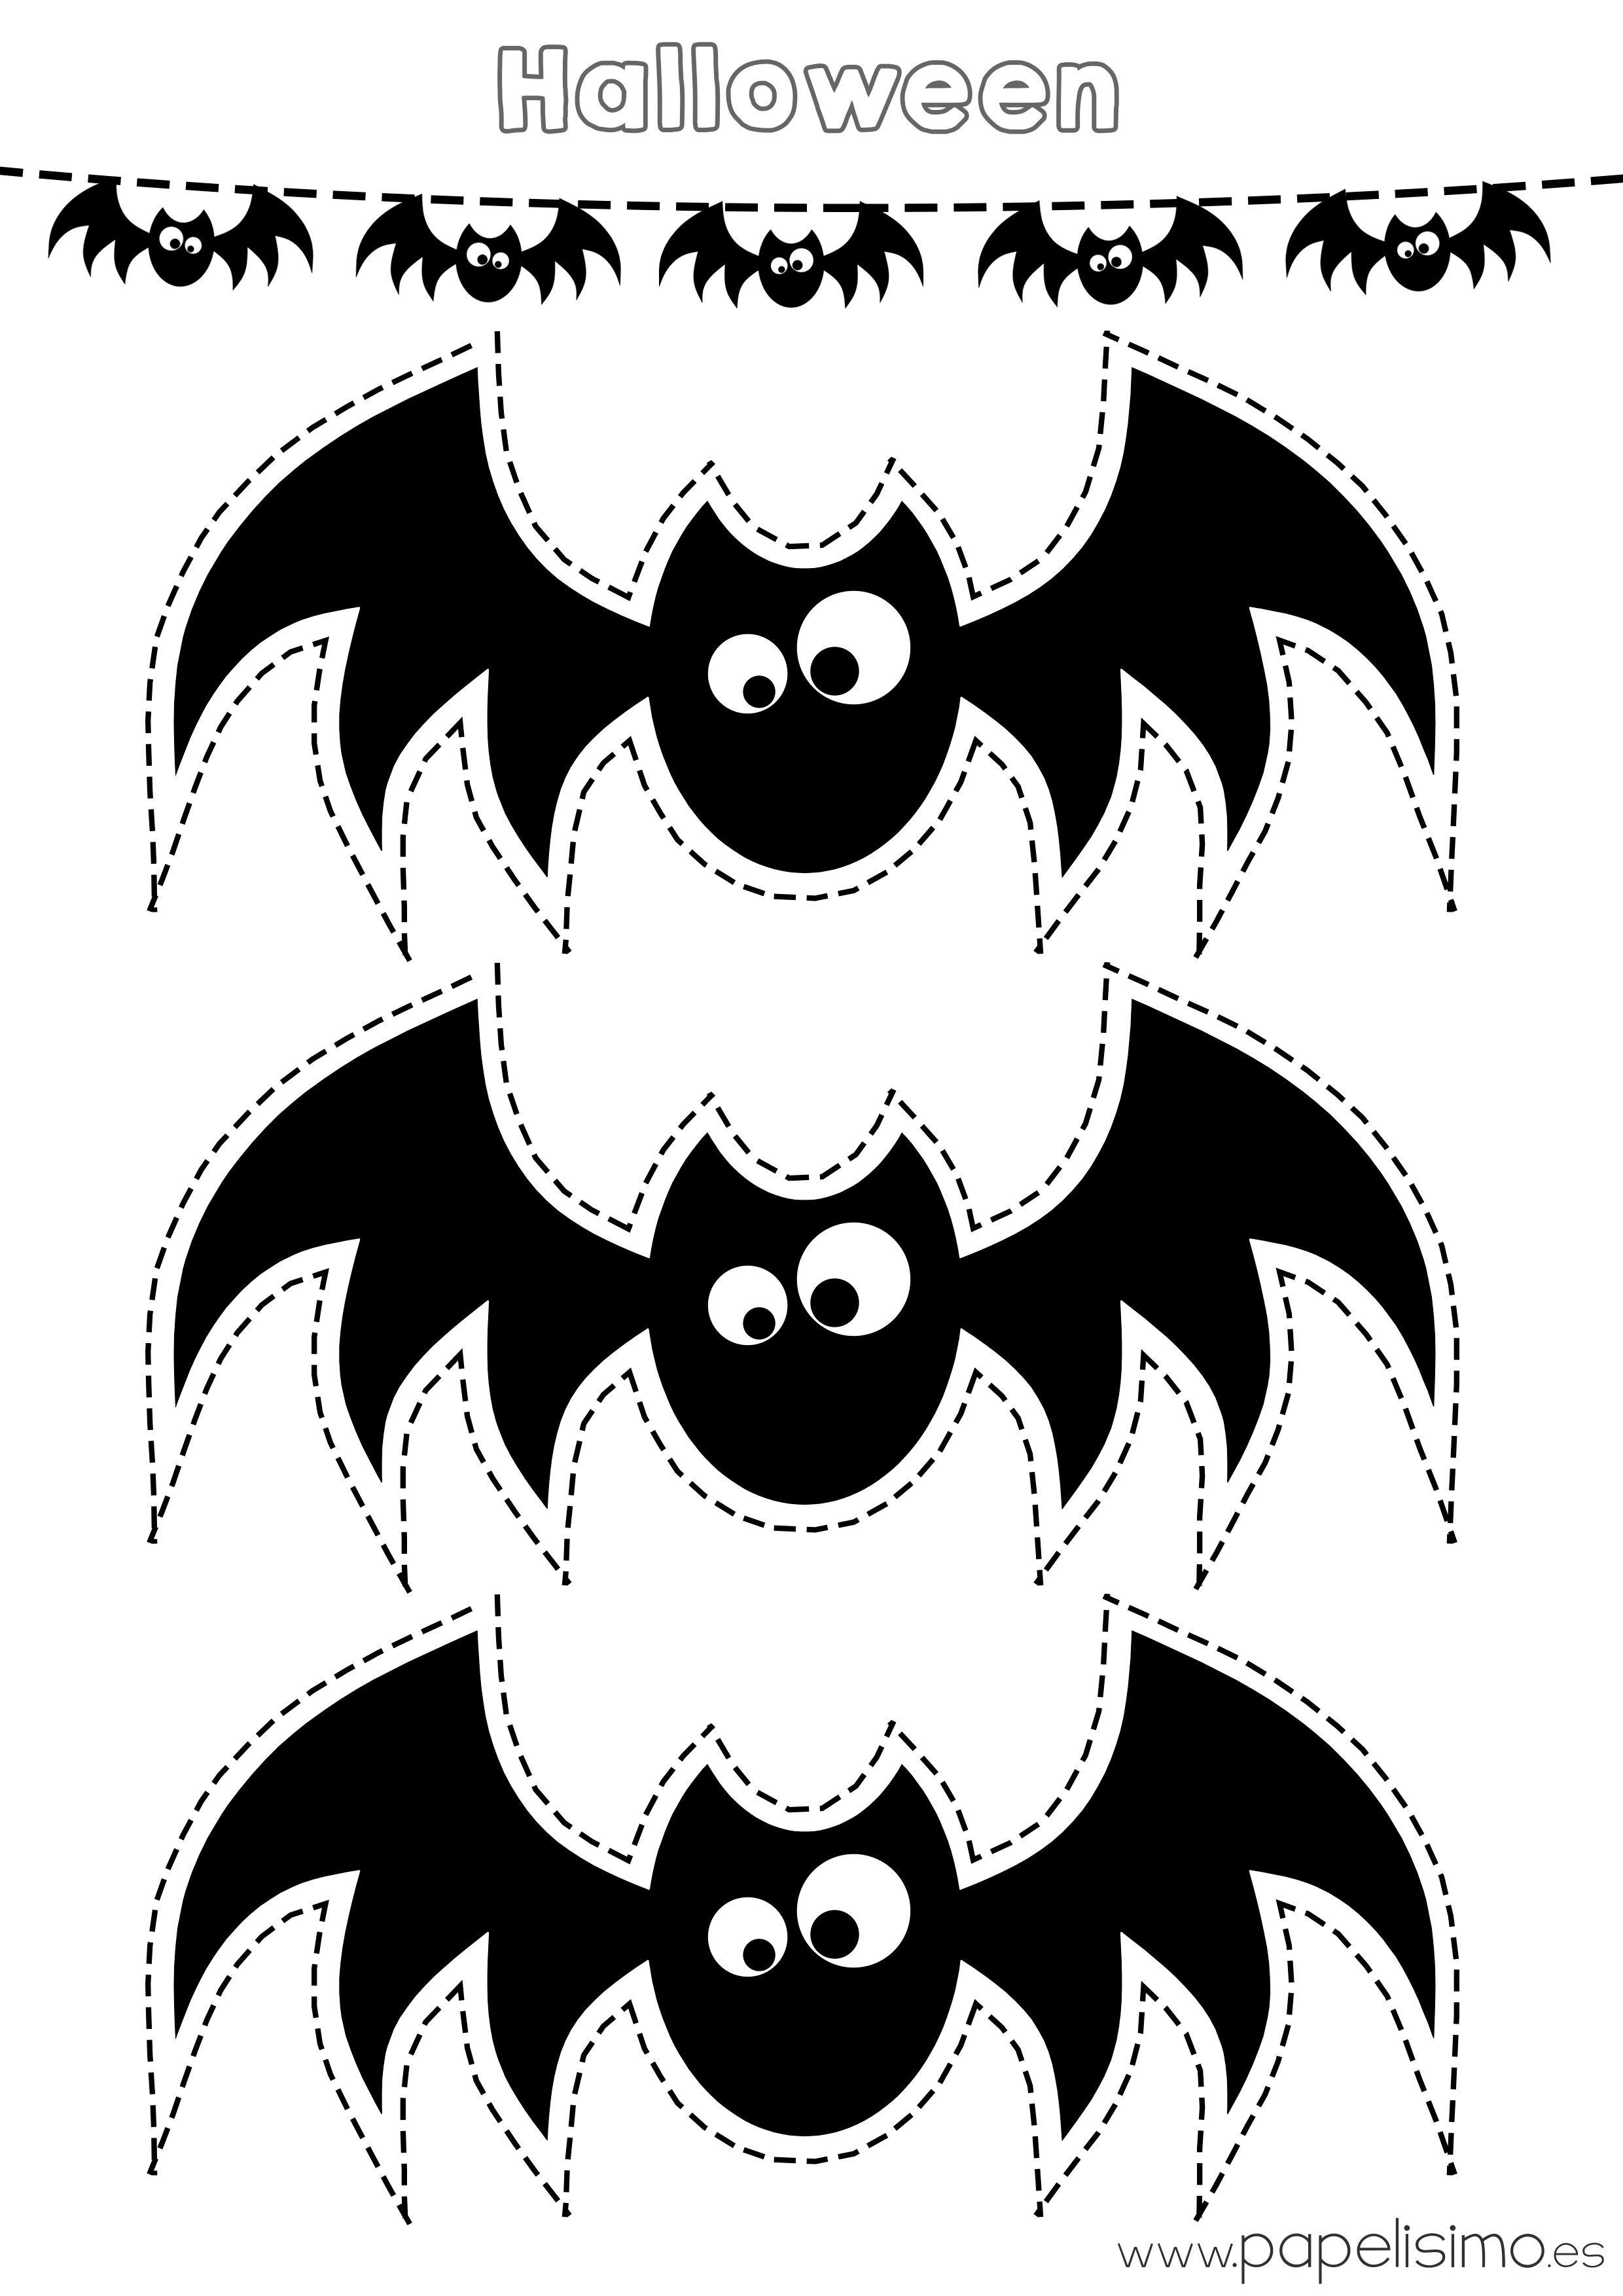 Quieres hacer tu propia decoracin de Halloween para casa Descarga